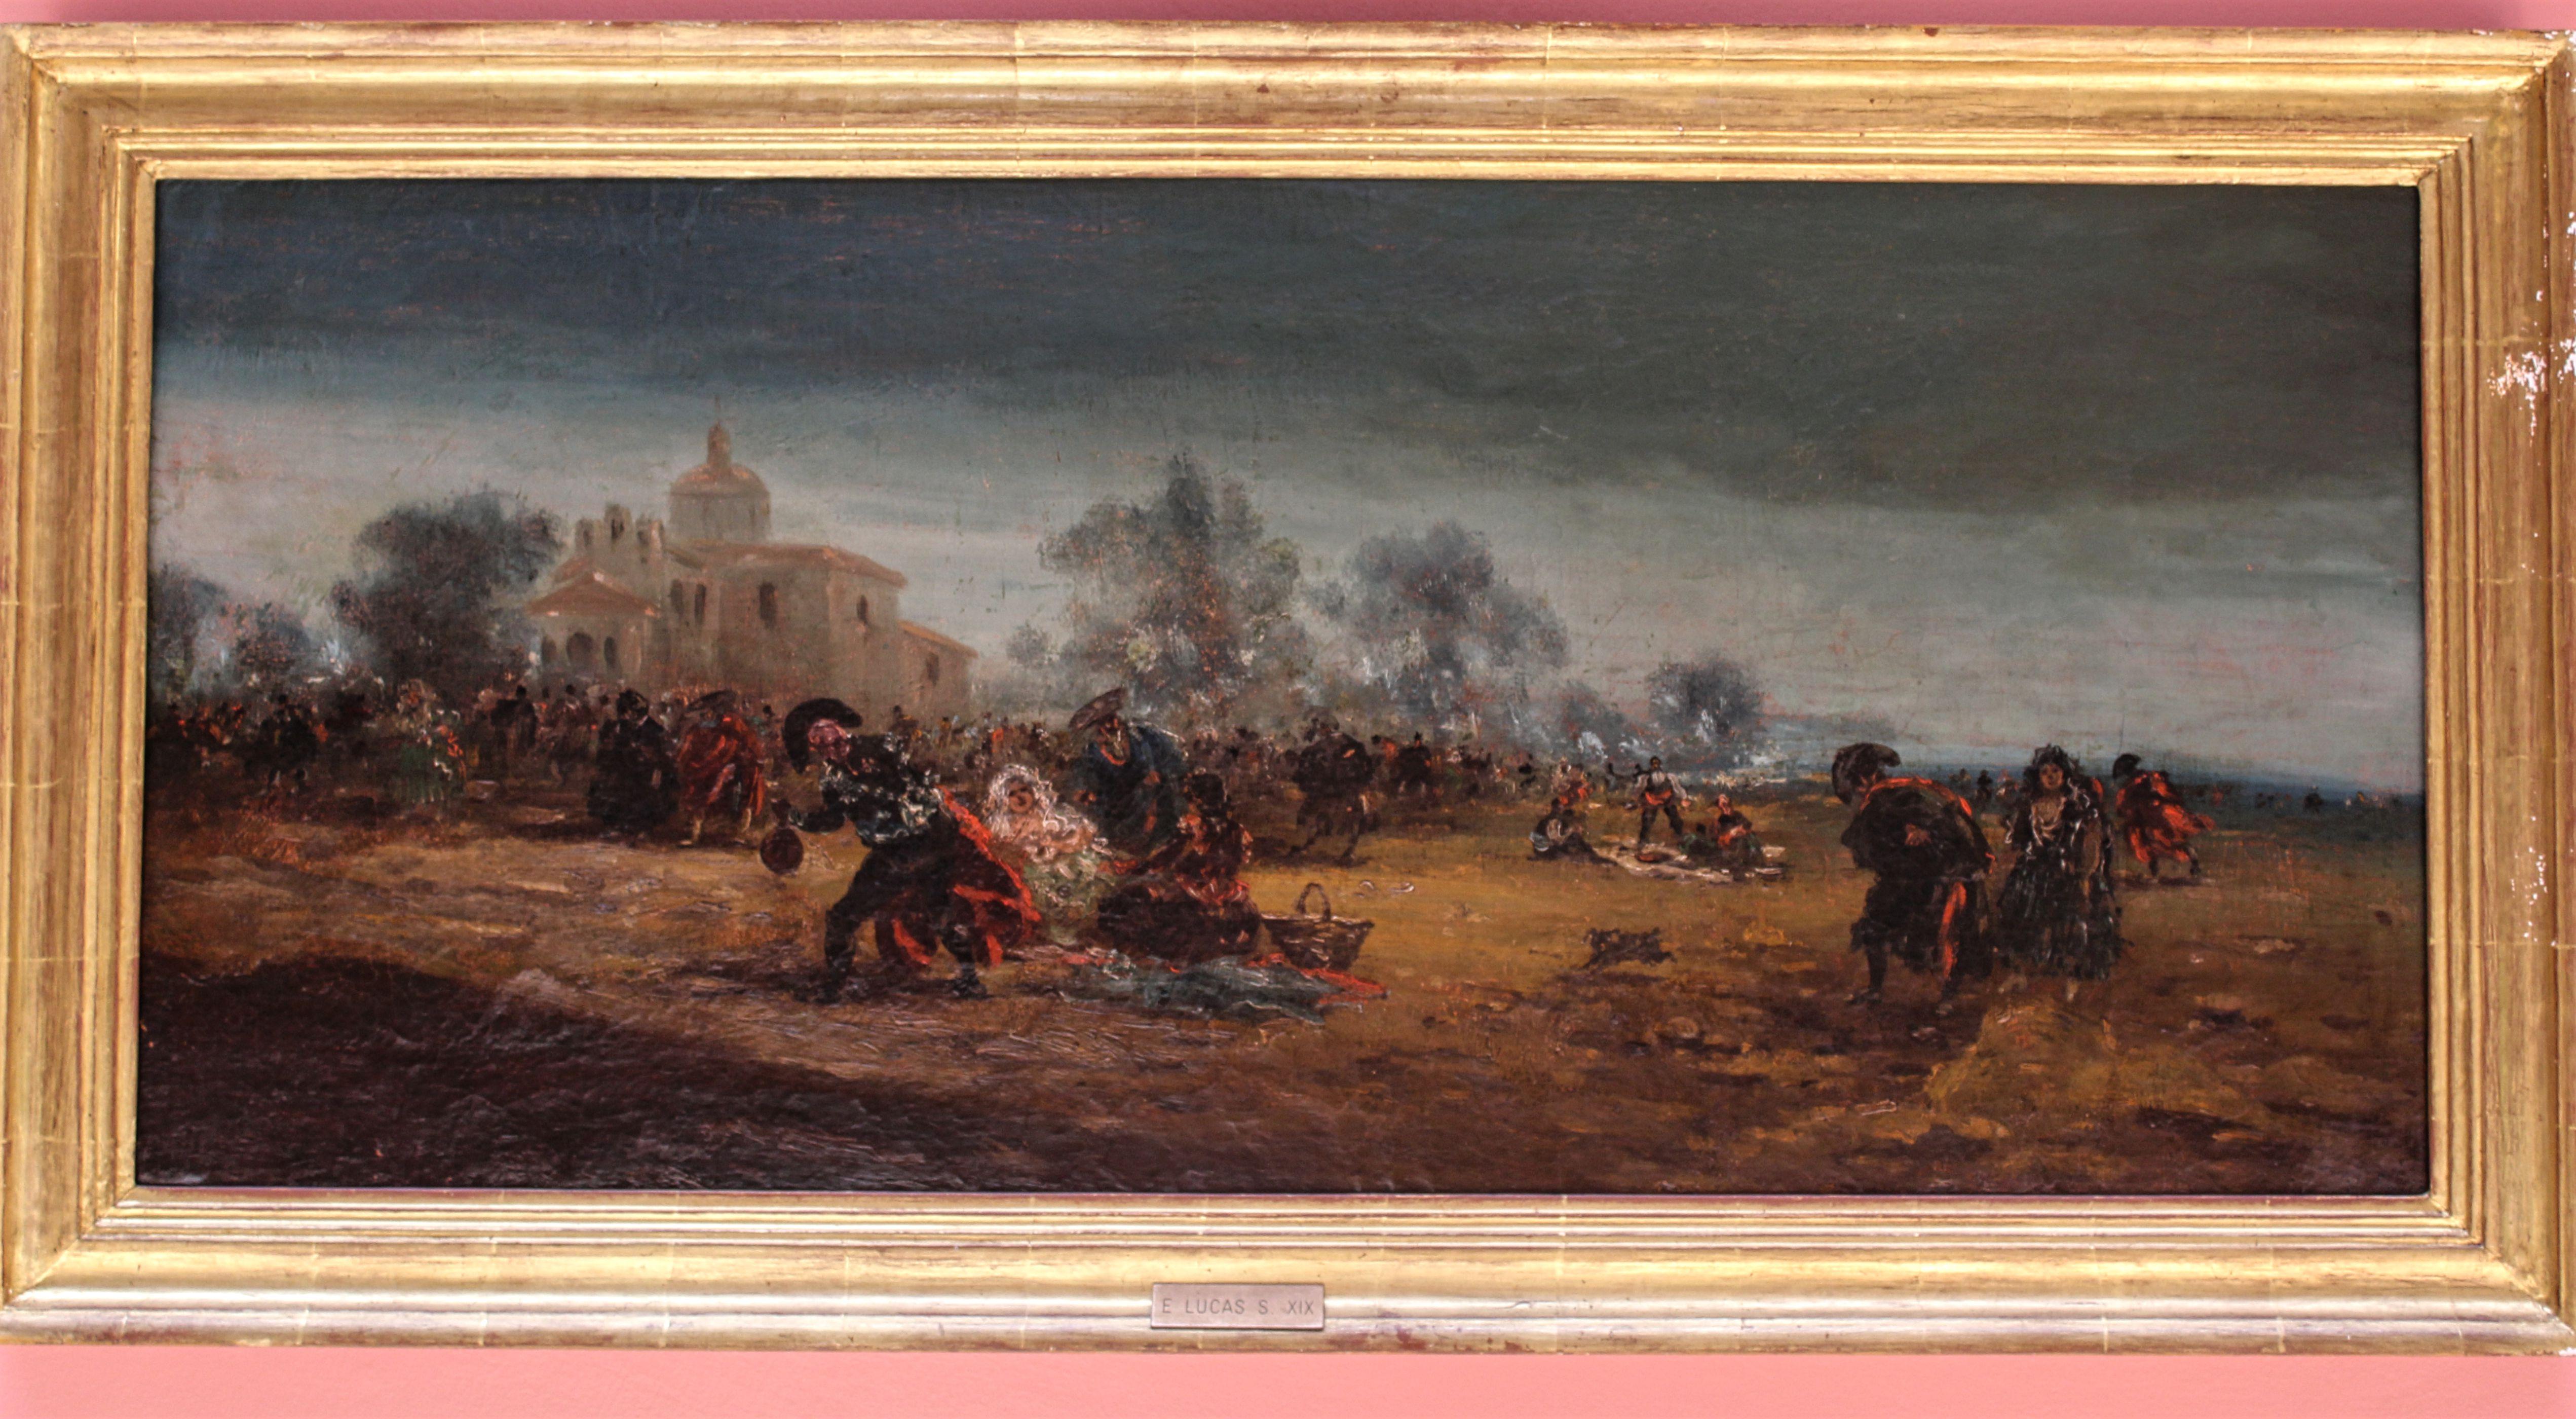 Título: Romería en Madrid. Autor: Eugenio Lucas Villaamil (Madrid 1858-1919). Galería particular. Tamaño: 74x108 cm. Fecha: 1876. Colección: Romerías.